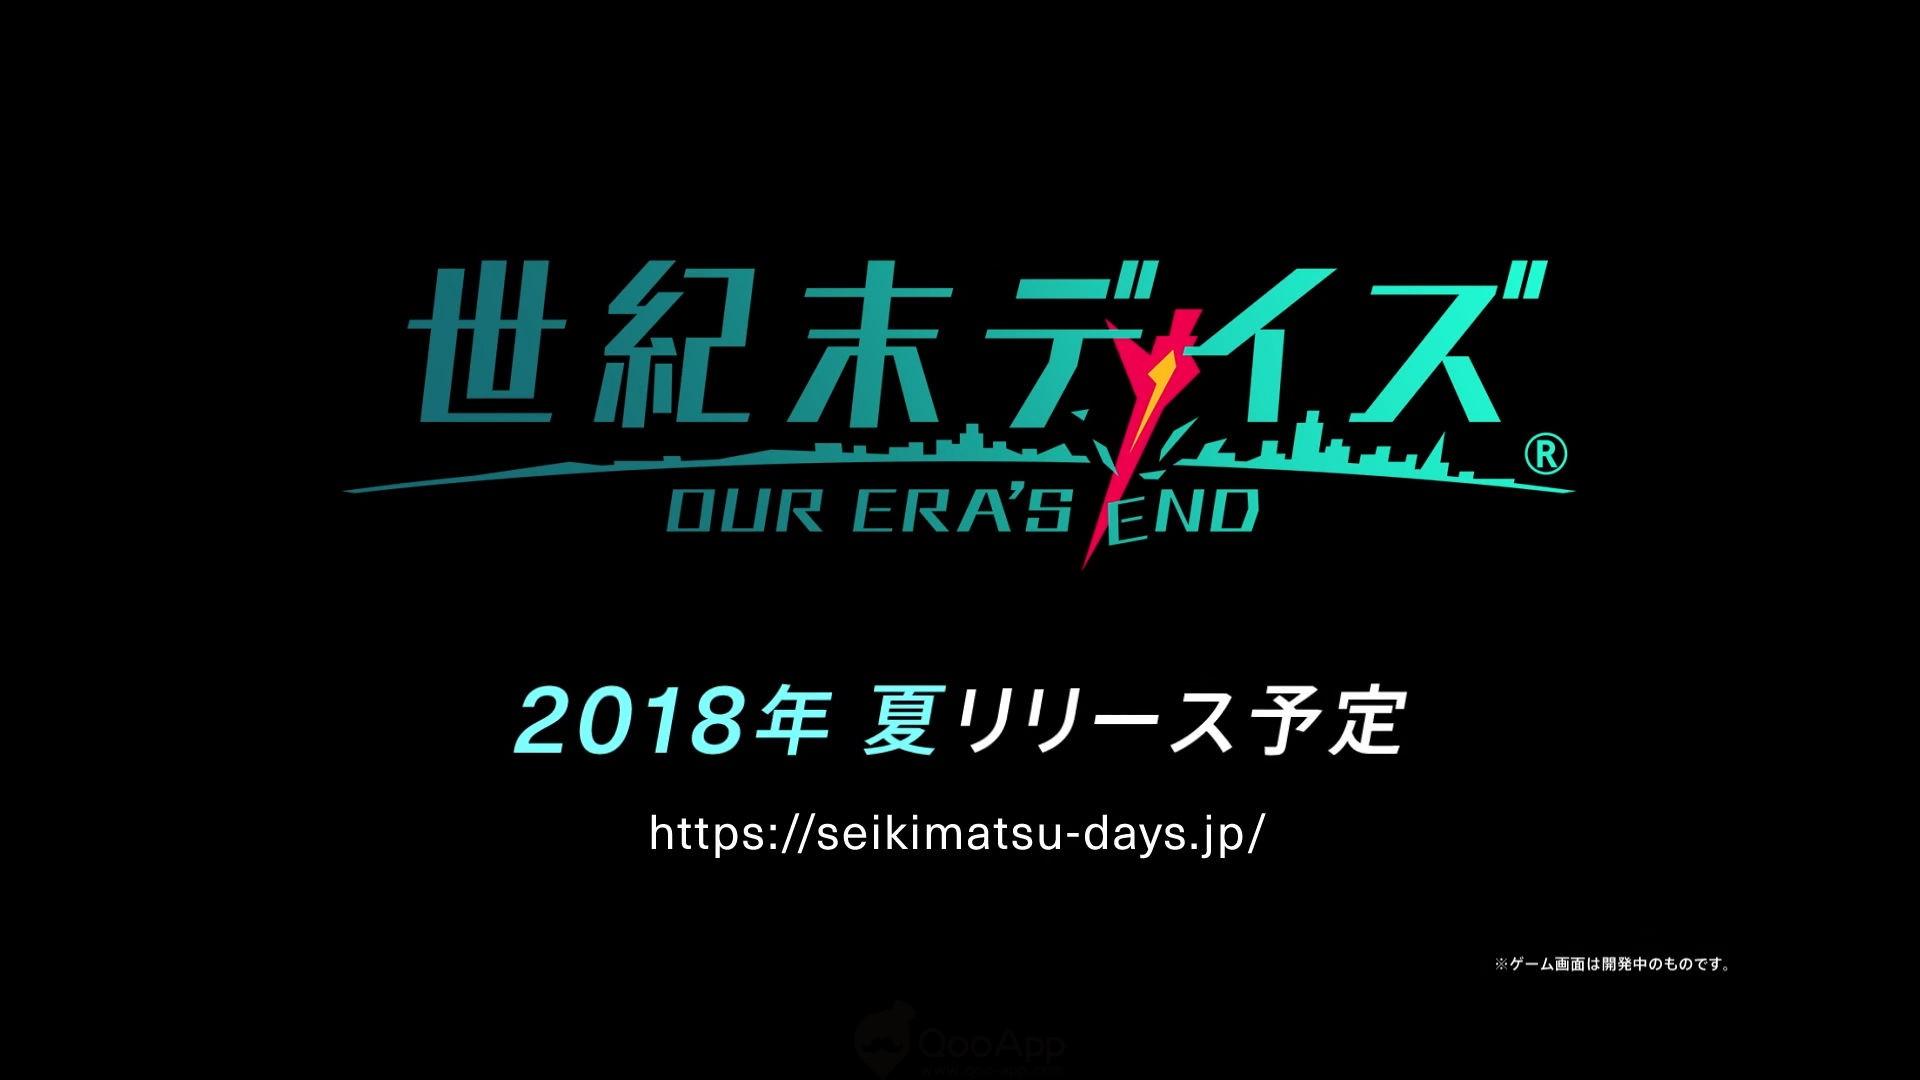 Seikimatsu Days